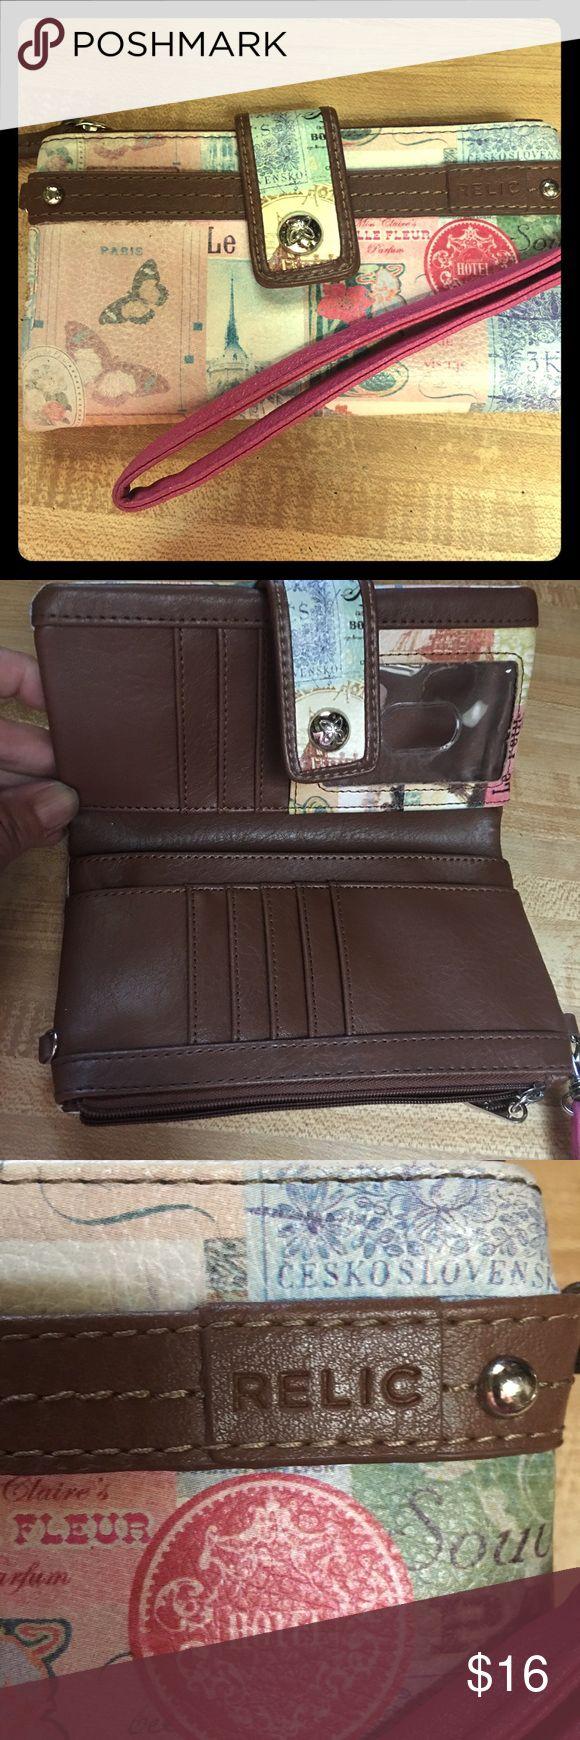 Relic Paris wristlet In excellent condition! Relic Bags Clutches & Wristlets